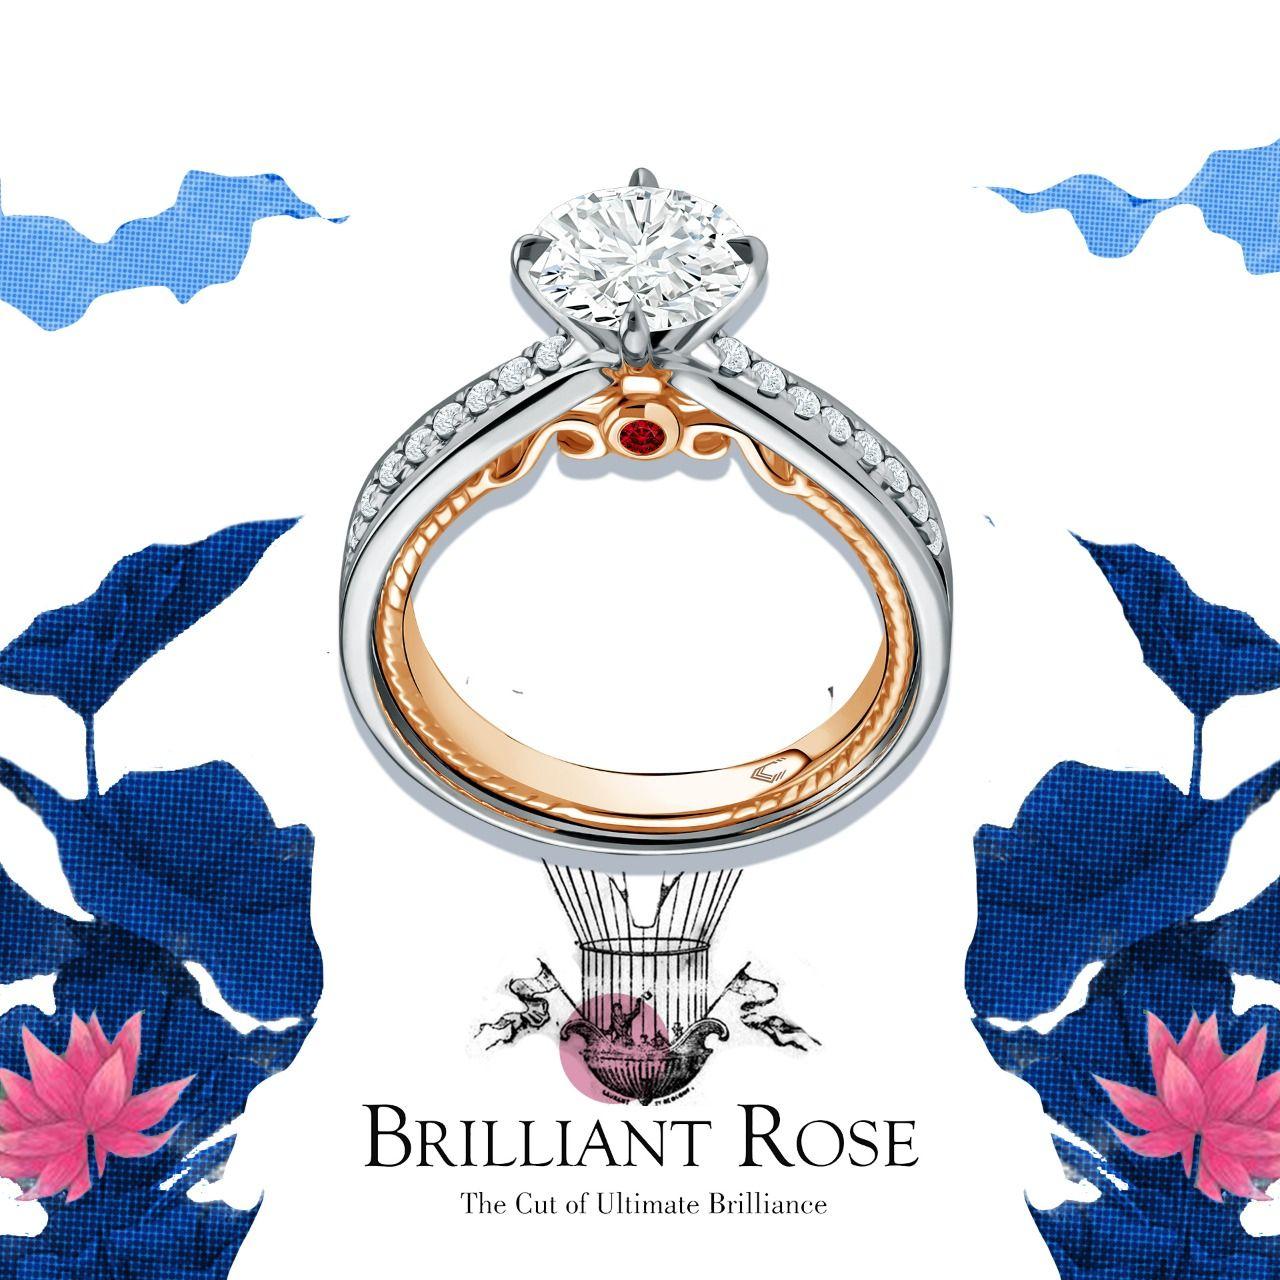 Brilliant Rose